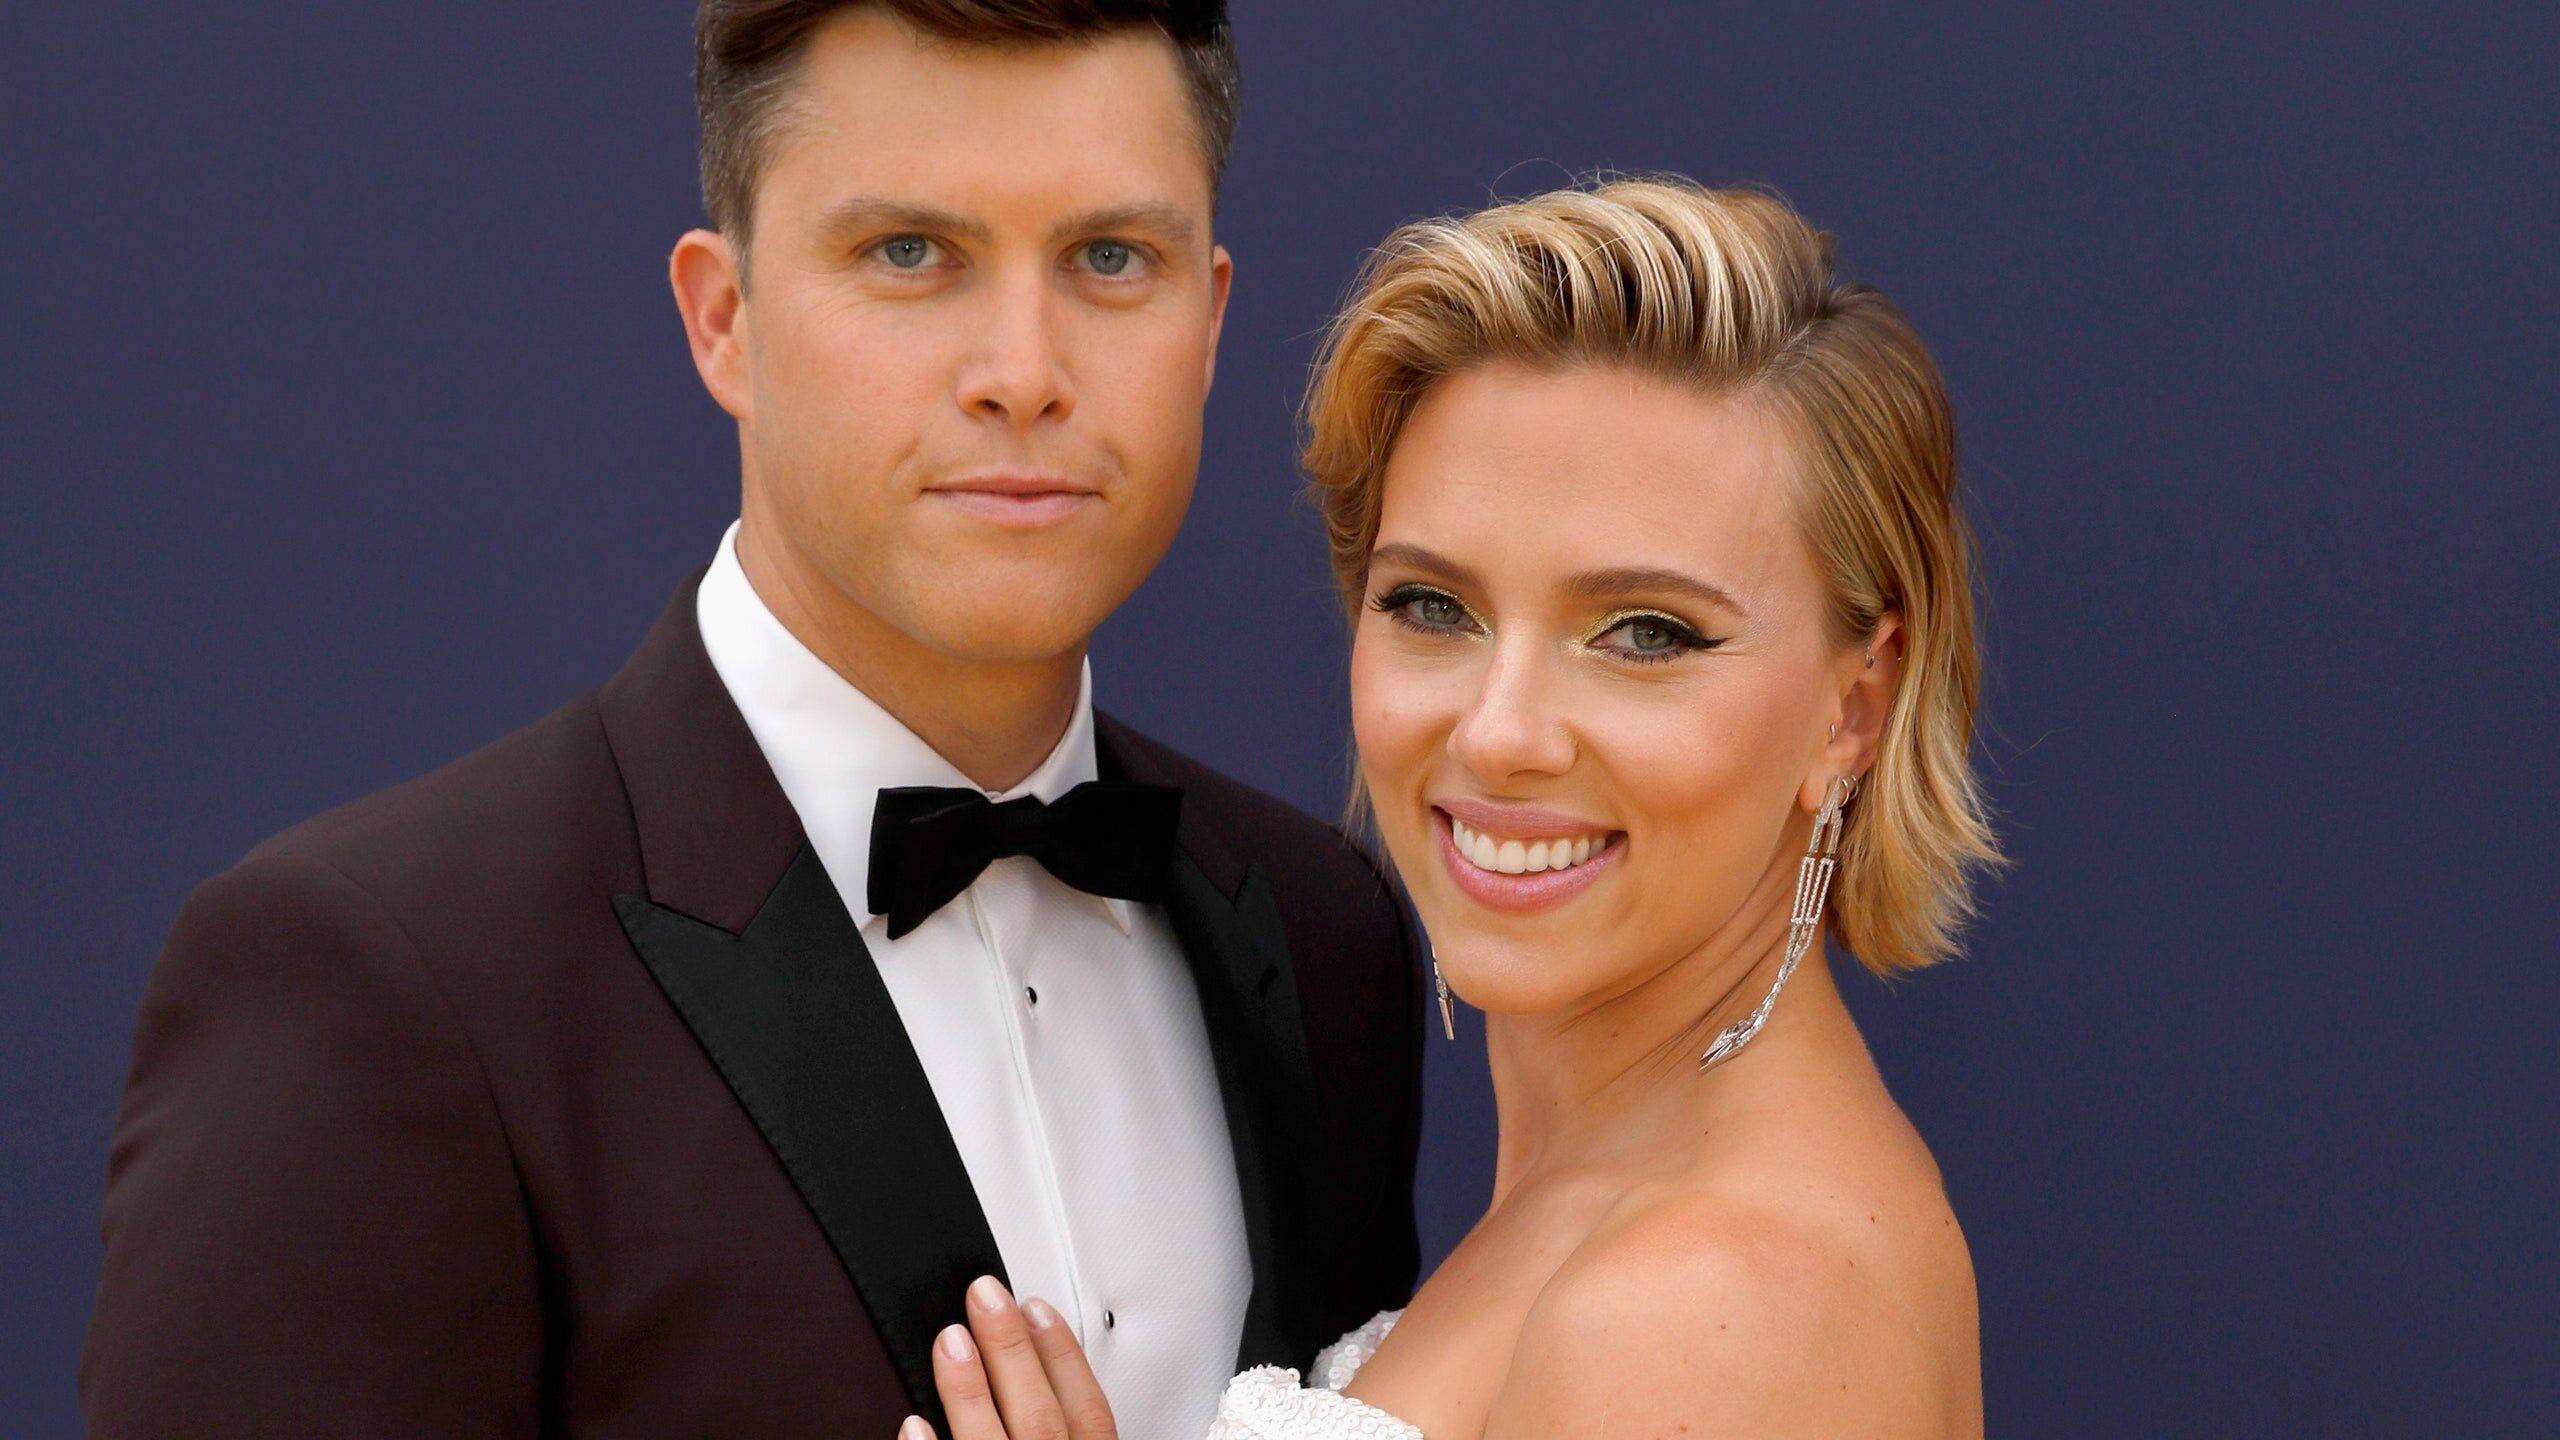 Scarlett Johansson si è sposata (per la terza volta): fiori d'arancio per l'attrice e il compagno Colin Jost